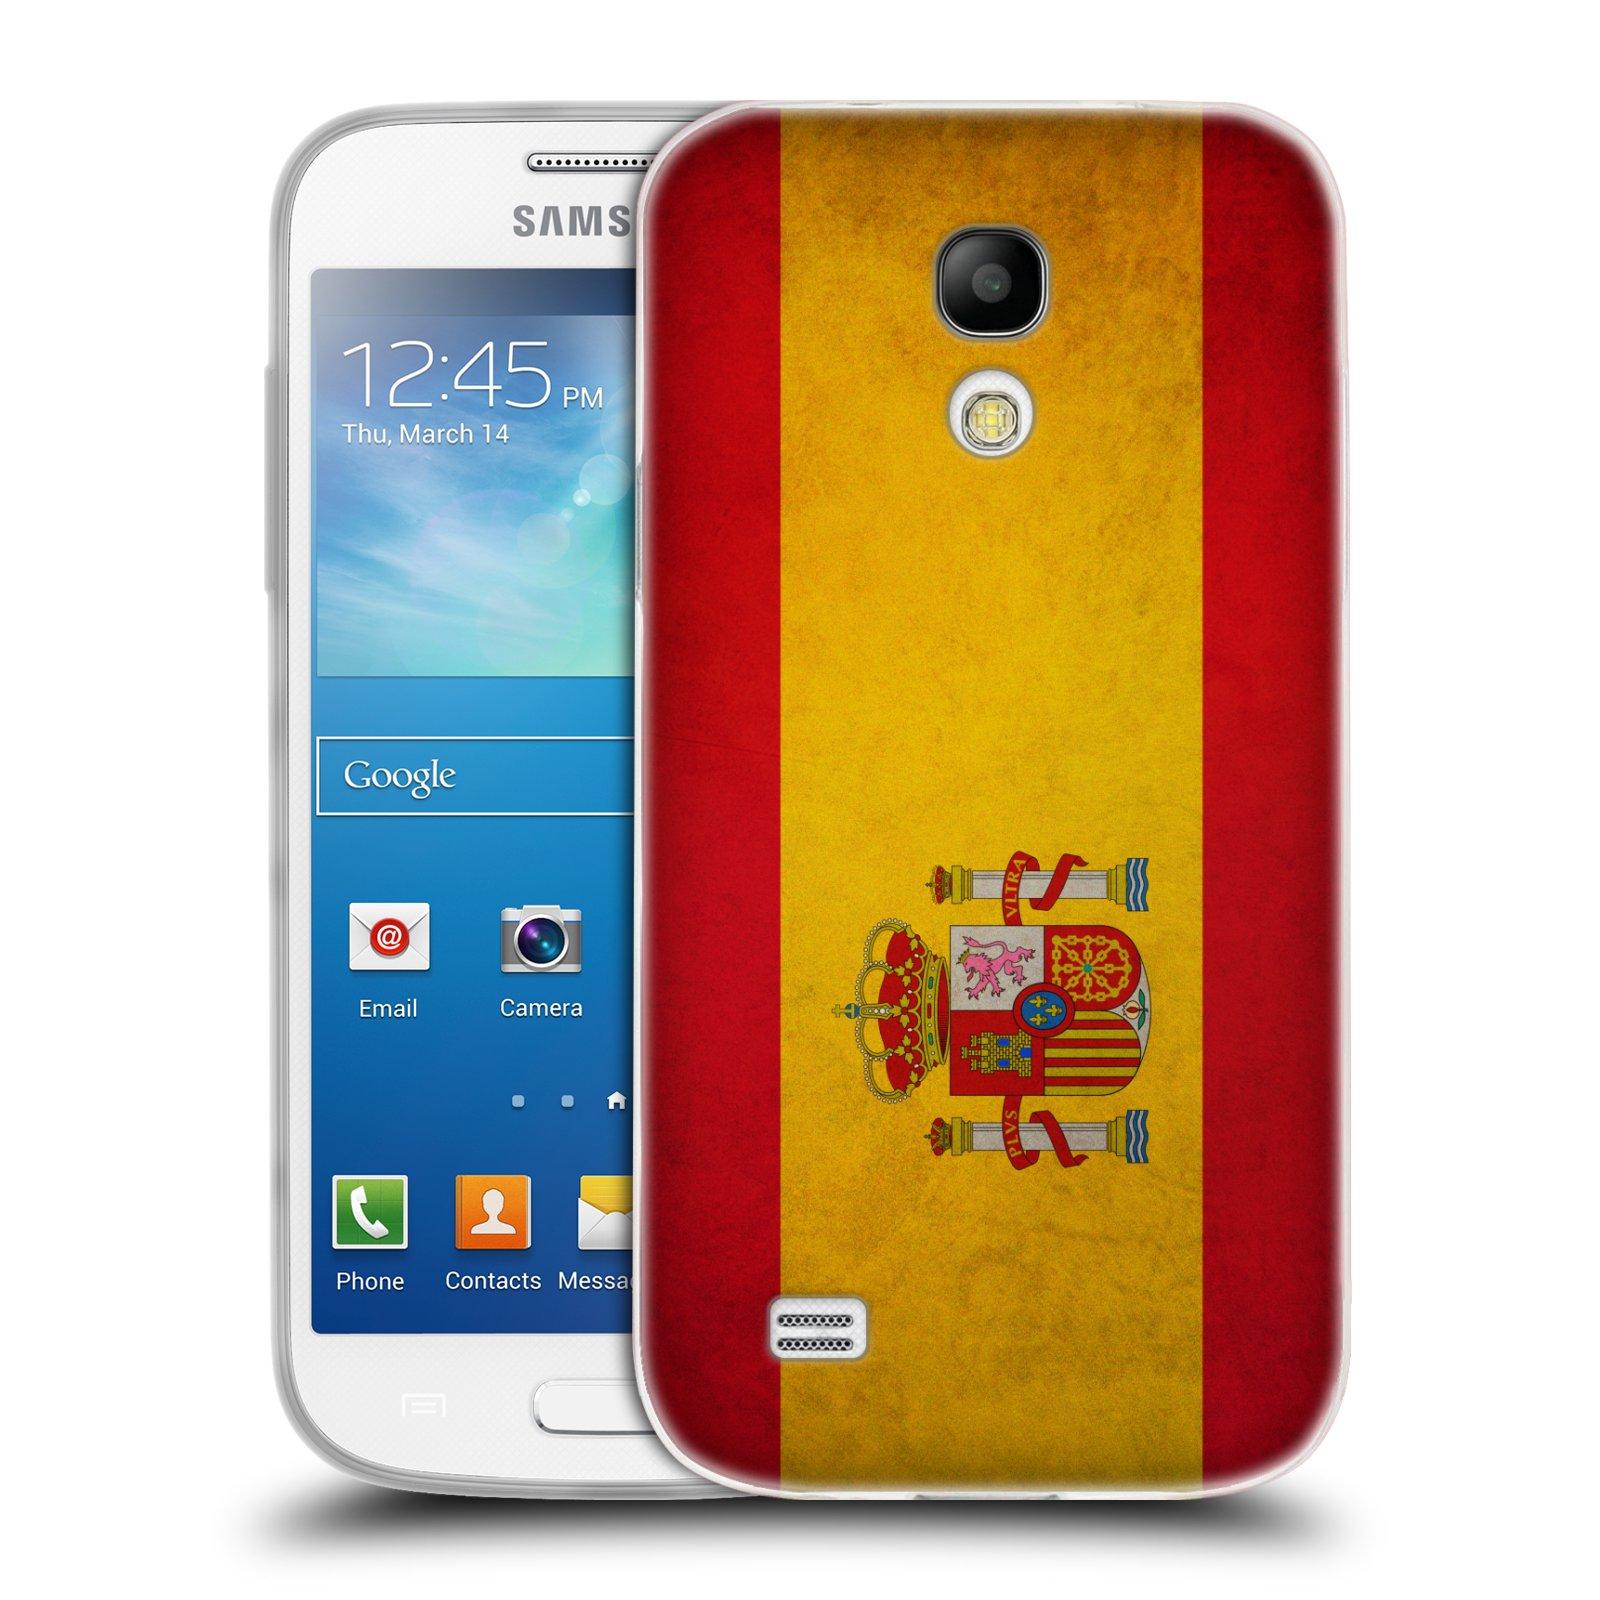 Silikonové pouzdro na mobil Samsung Galaxy S4 Mini HEAD CASE VLAJKA ŠPANĚLSKO (Silikonový kryt či obal na mobilní telefon Samsung Galaxy S4 Mini GT-i9195 / i9190)